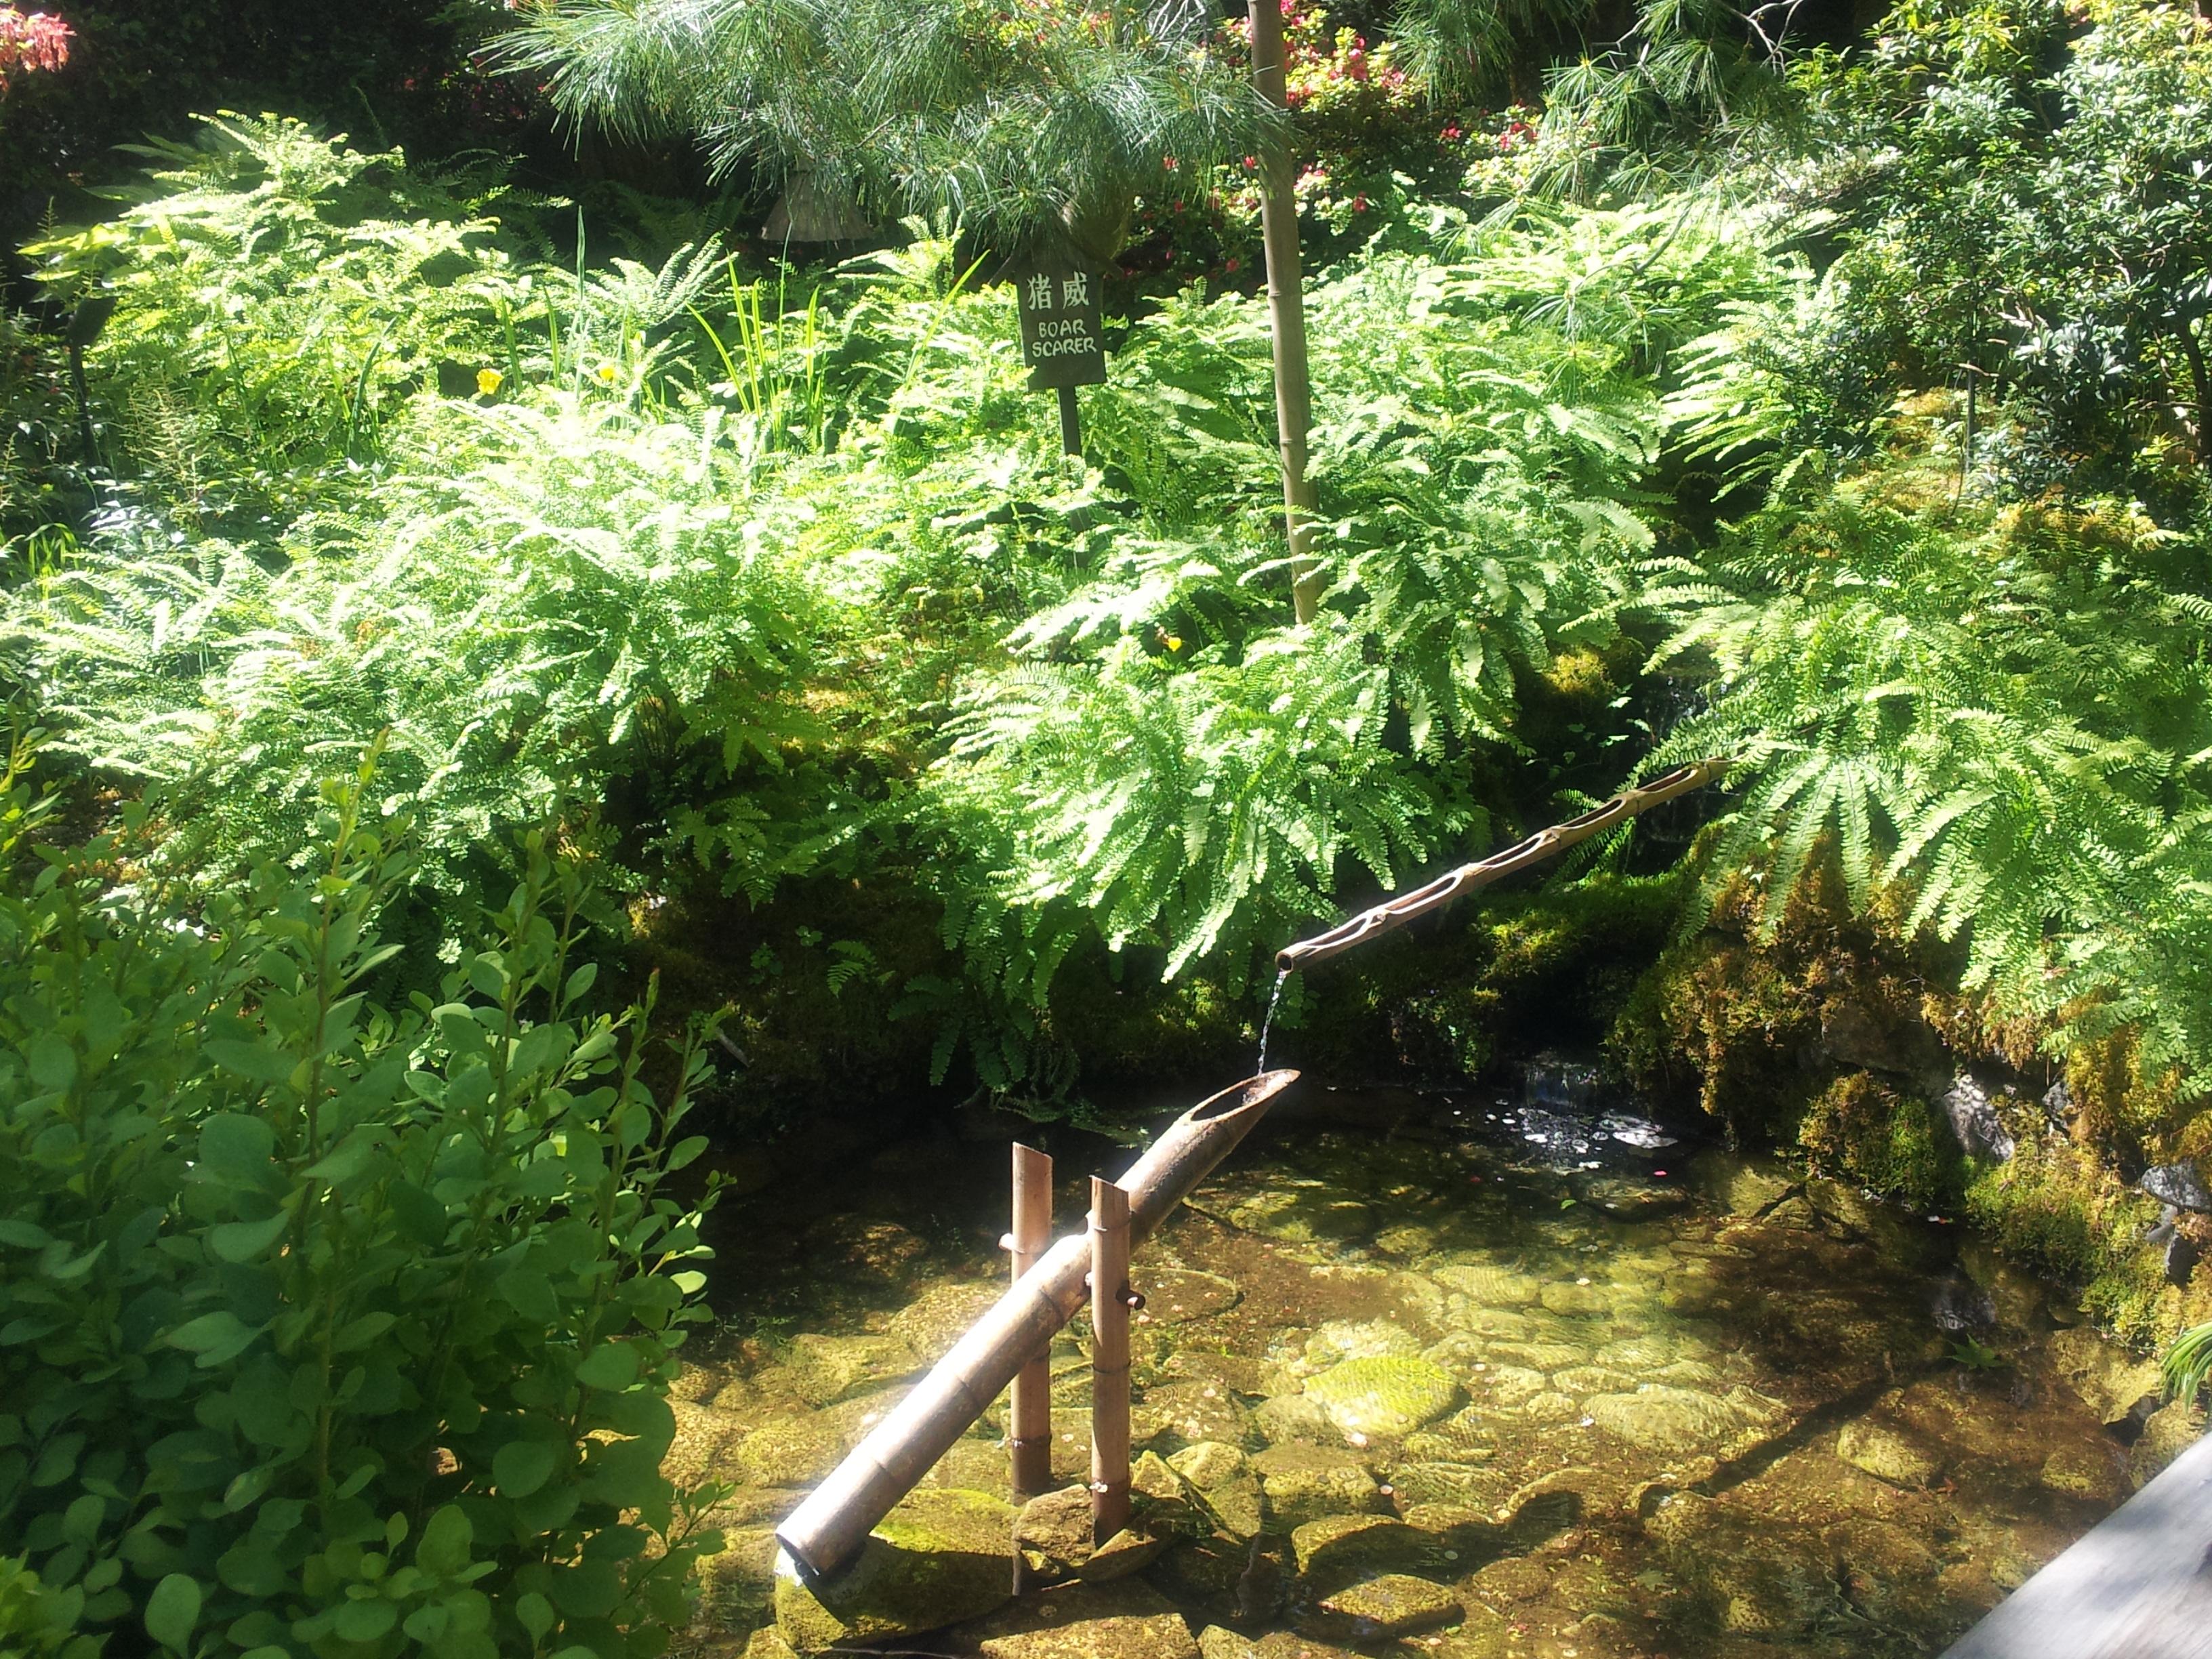 https://musashino-kaikei.com/press/user_upload/2012-06-11%2011.01.20.jpg